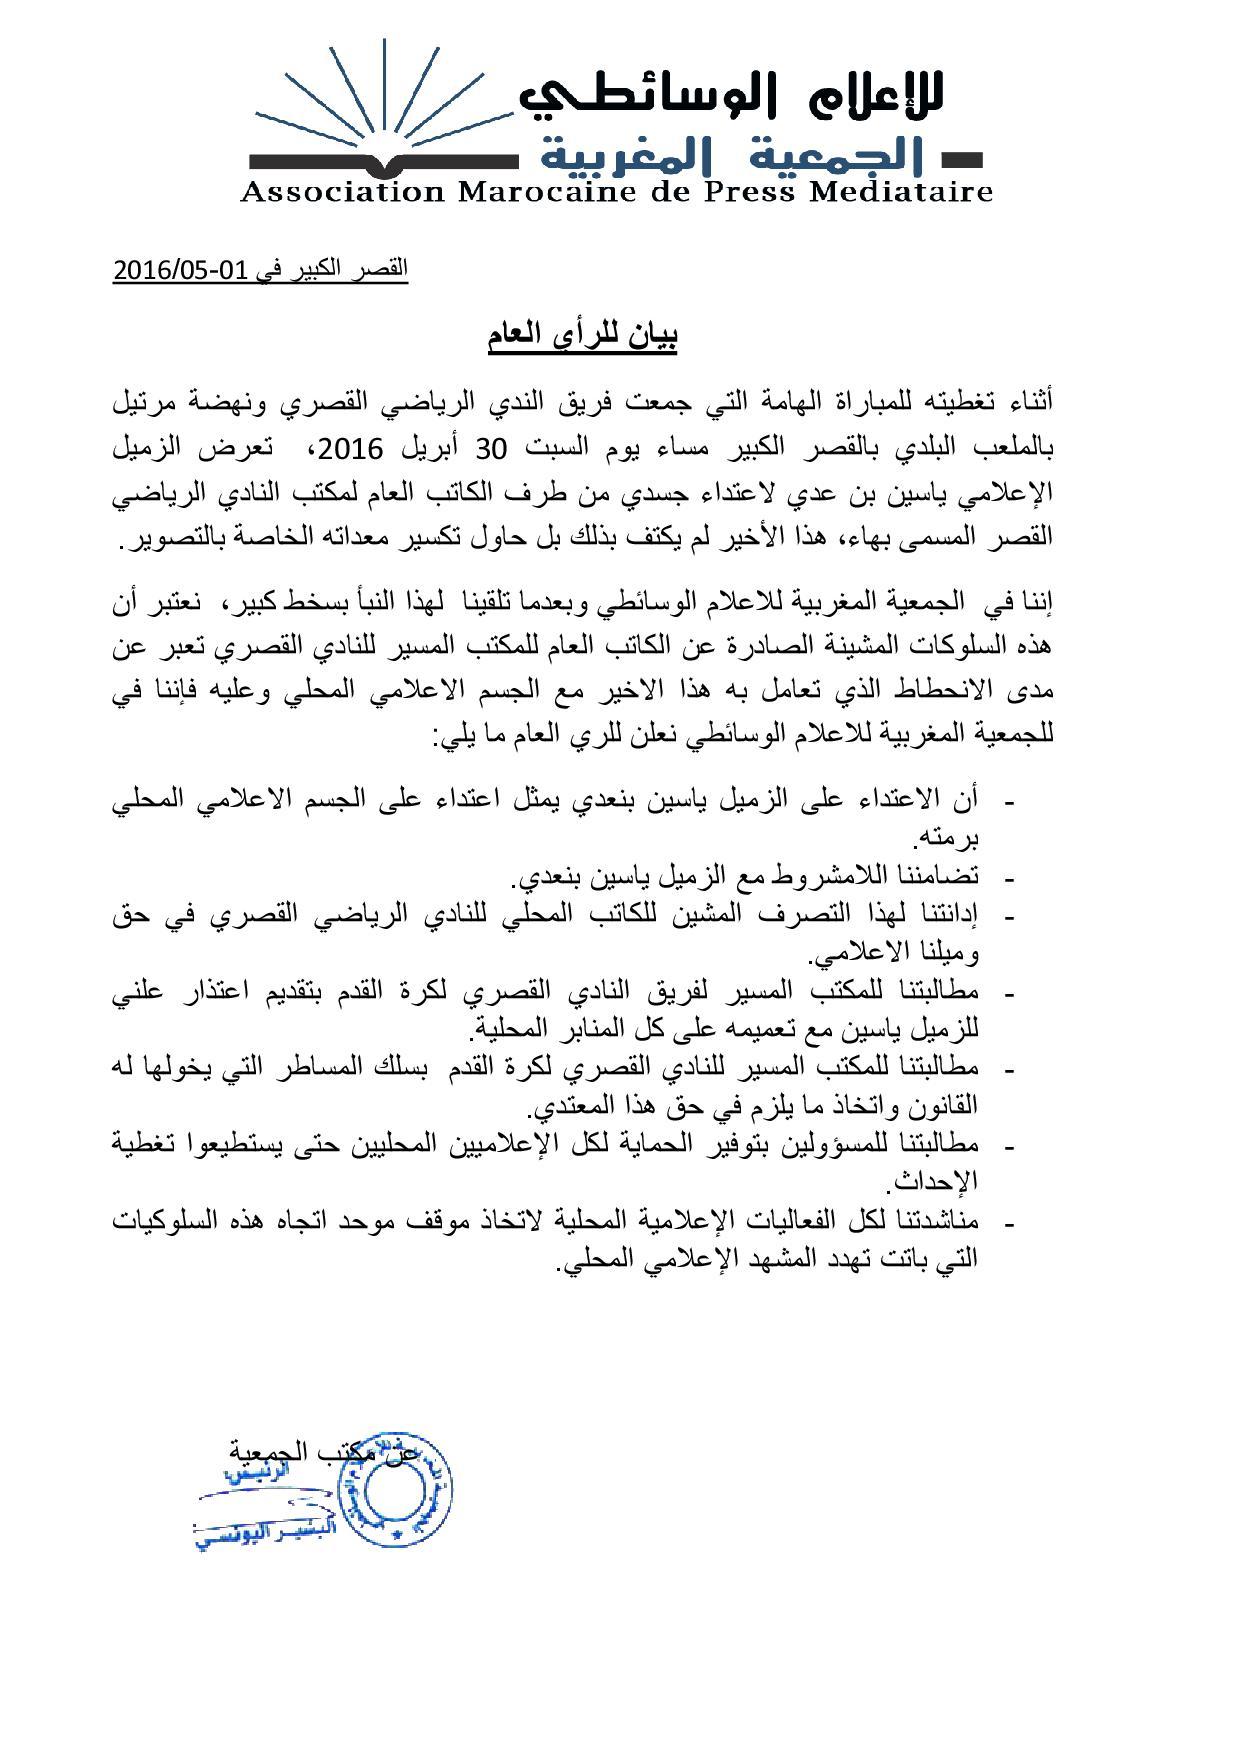 الجمعية المغربية للإعلام الوسائطي تتضامن مع ياسين بن عدي